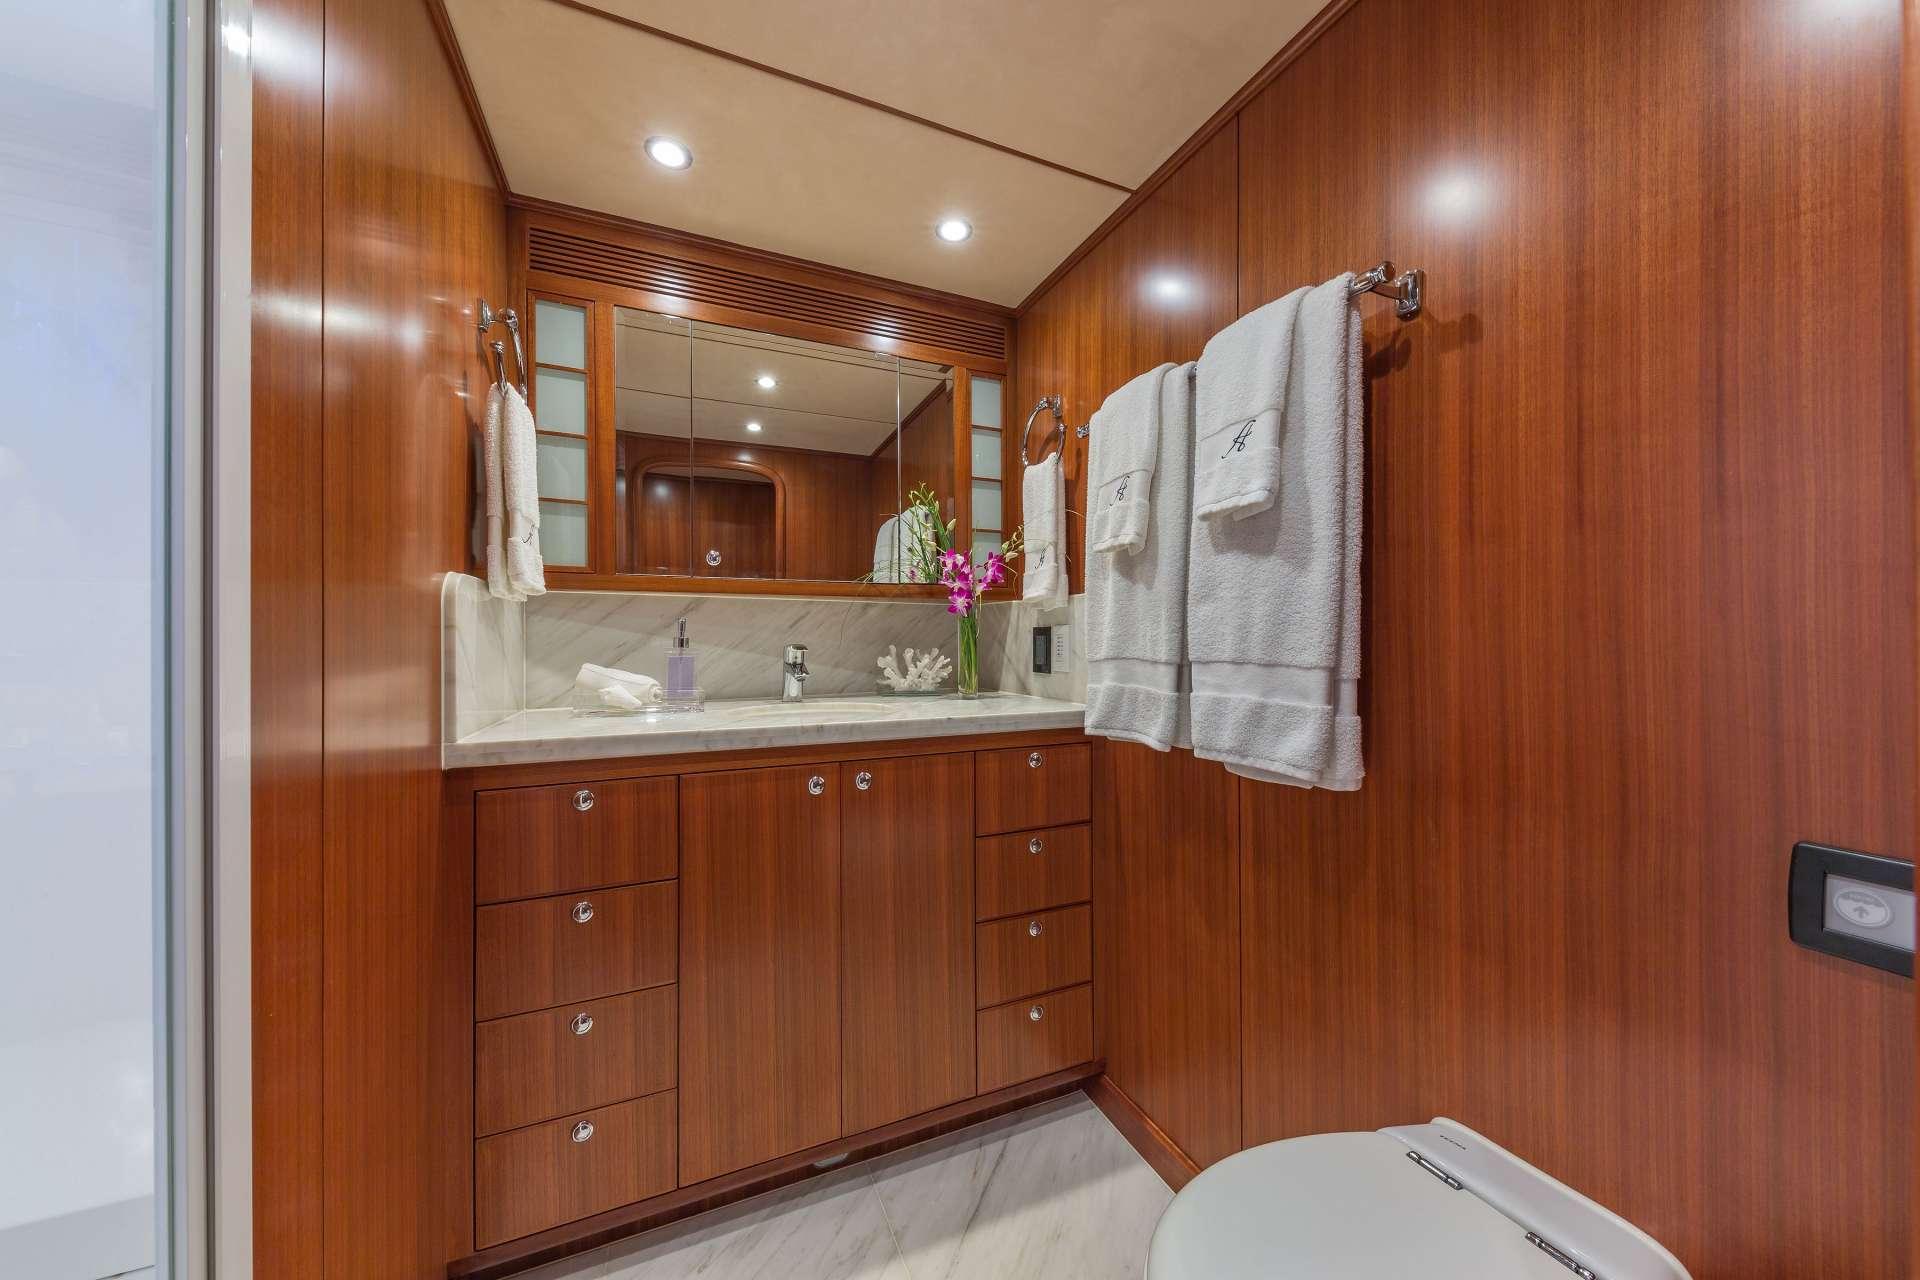 ASTURIAS yacht image # 9